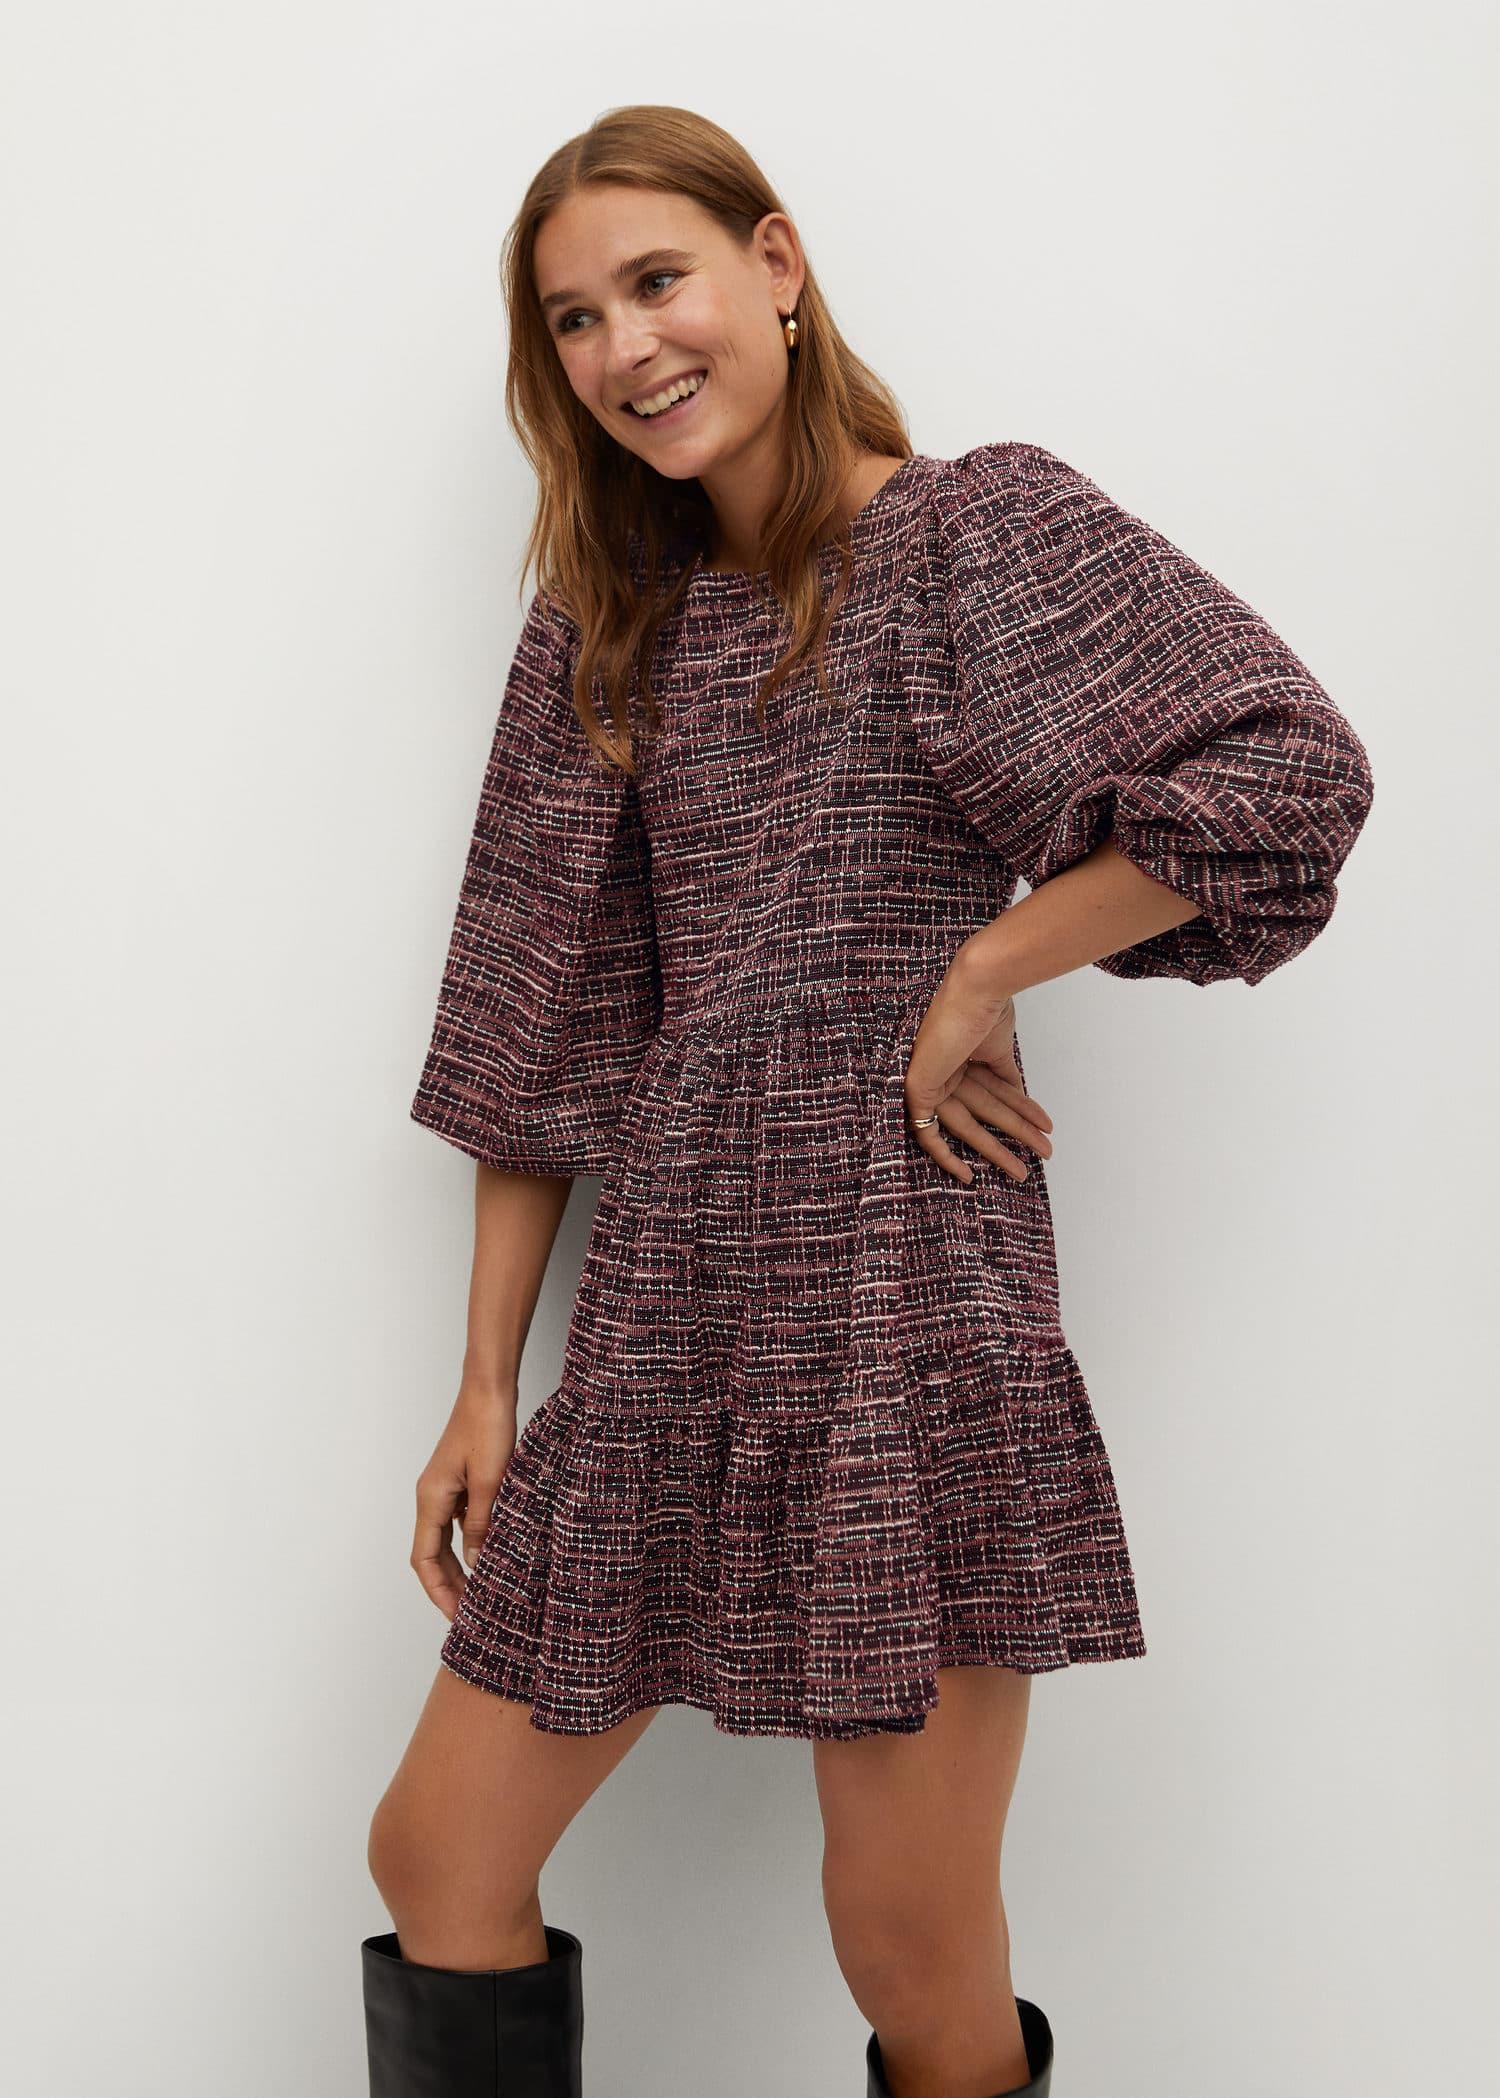 Klänning med puffärm RödVitblommig DAM   H&M SE